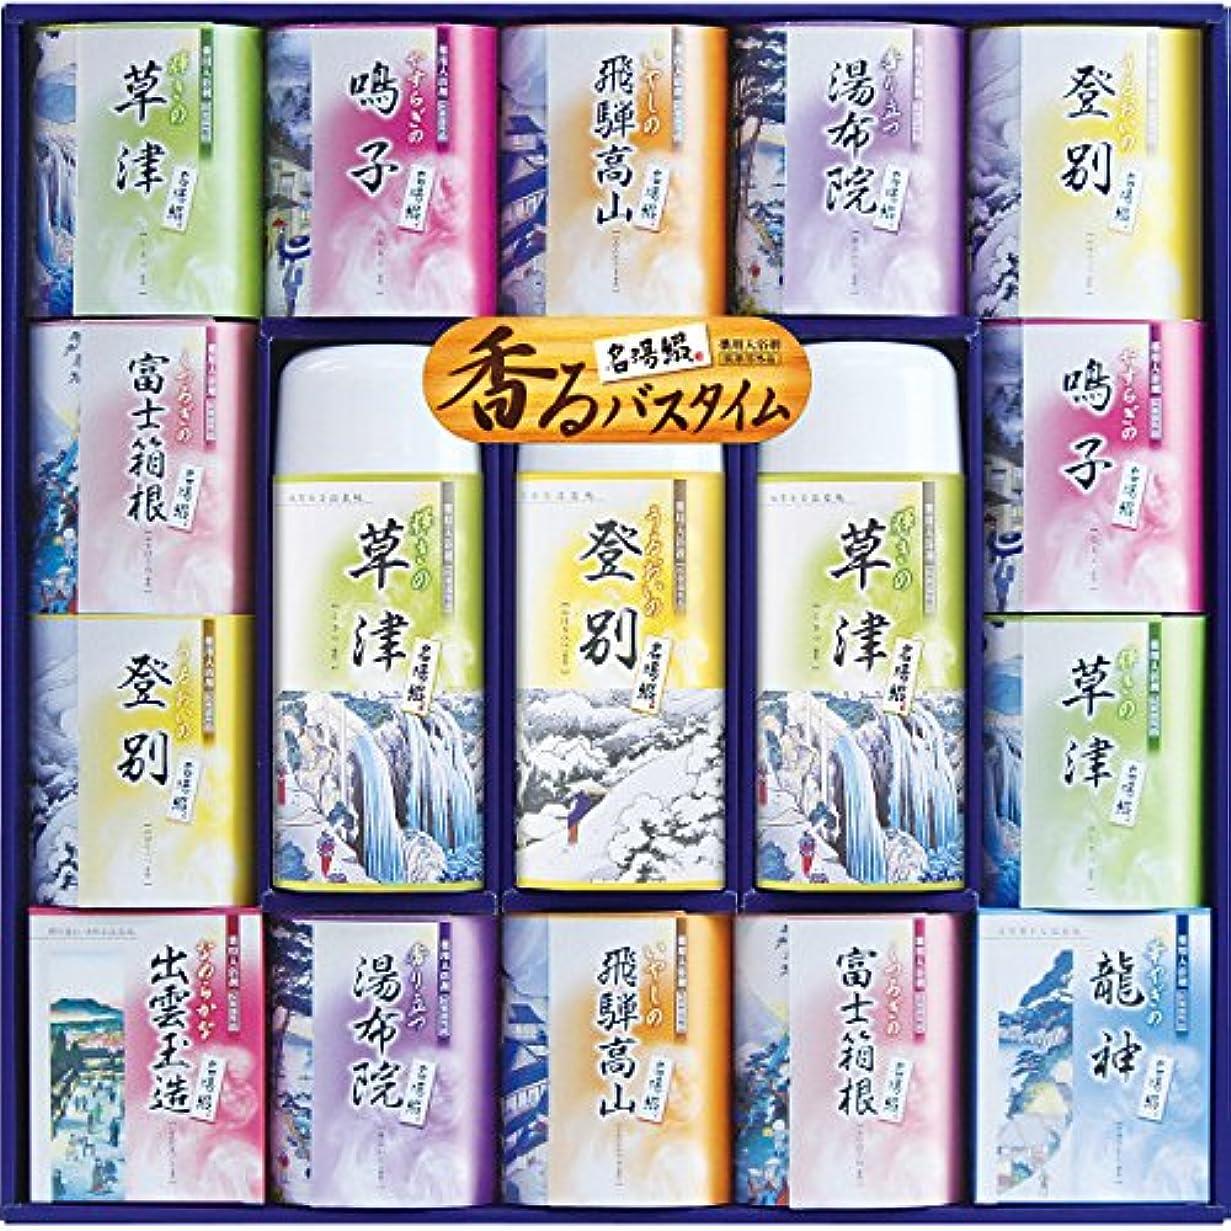 種ほこり主婦敬老の日 贈り物 名湯綴入浴剤セット(SD)